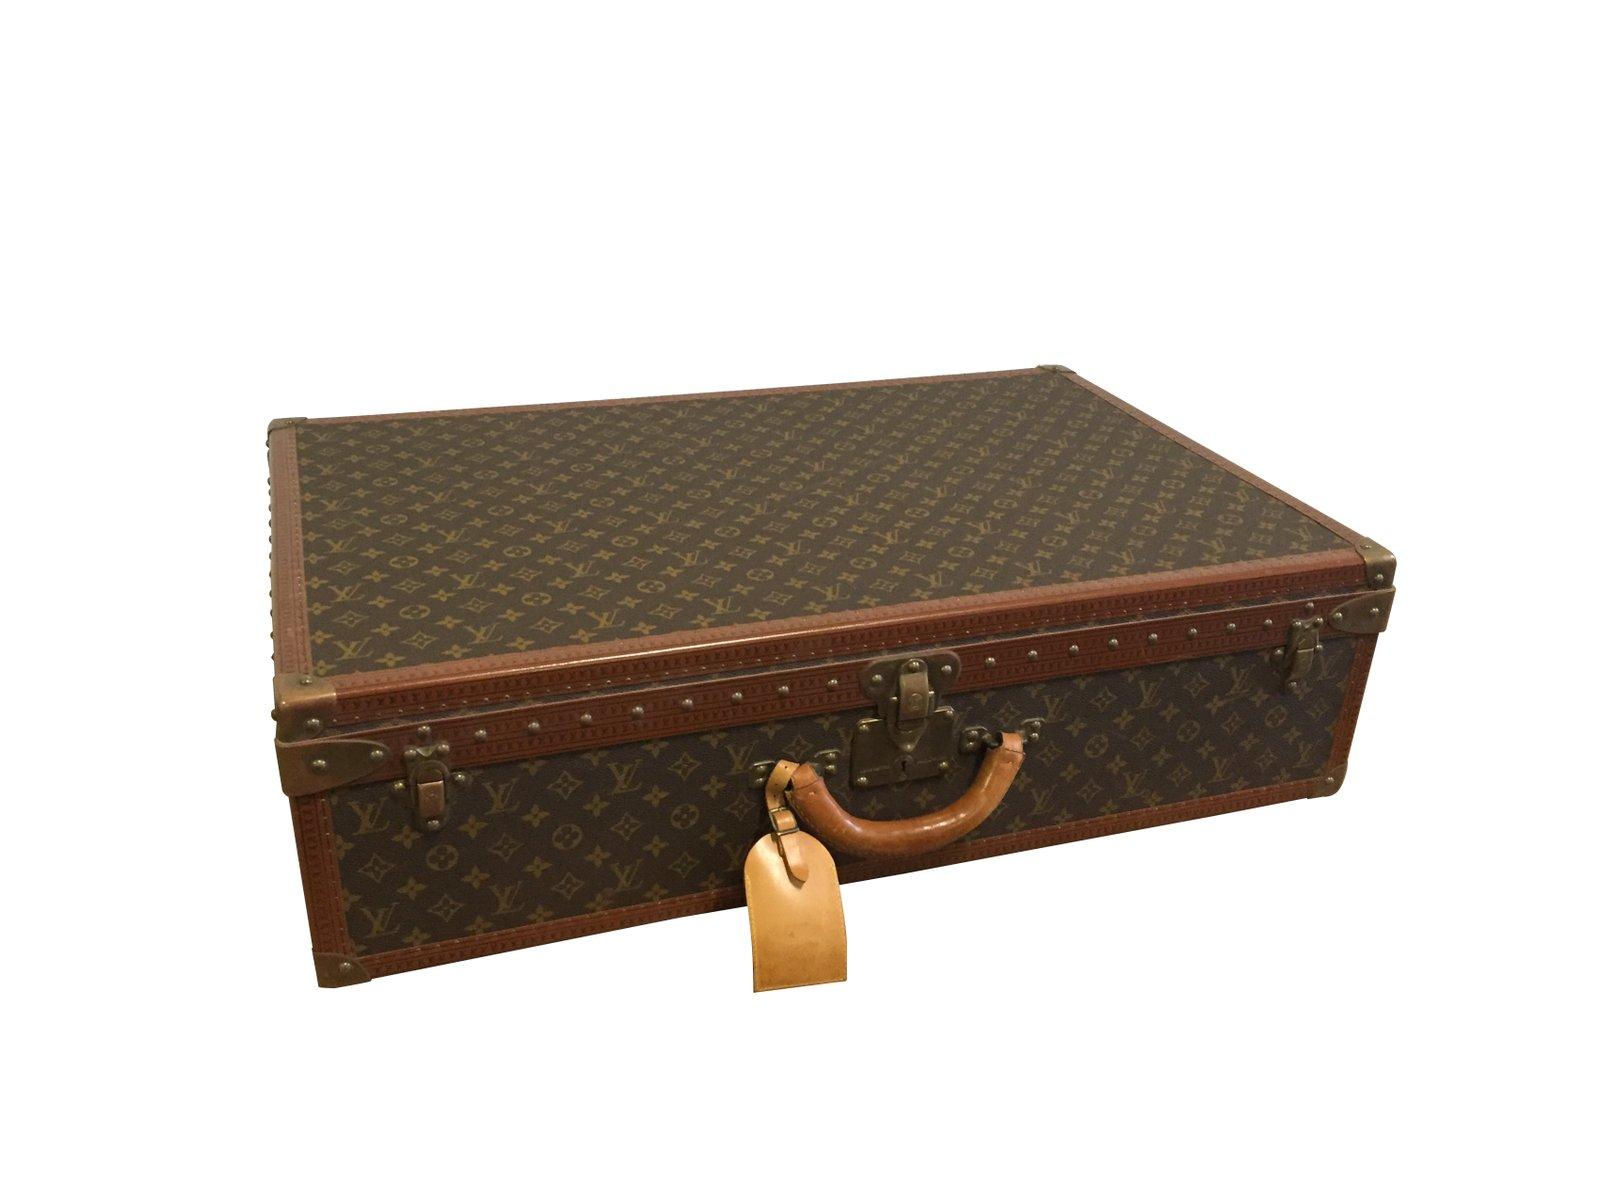 68dd0d4ec42f Malle Louis Vuitton Vintage en vente sur Pamono